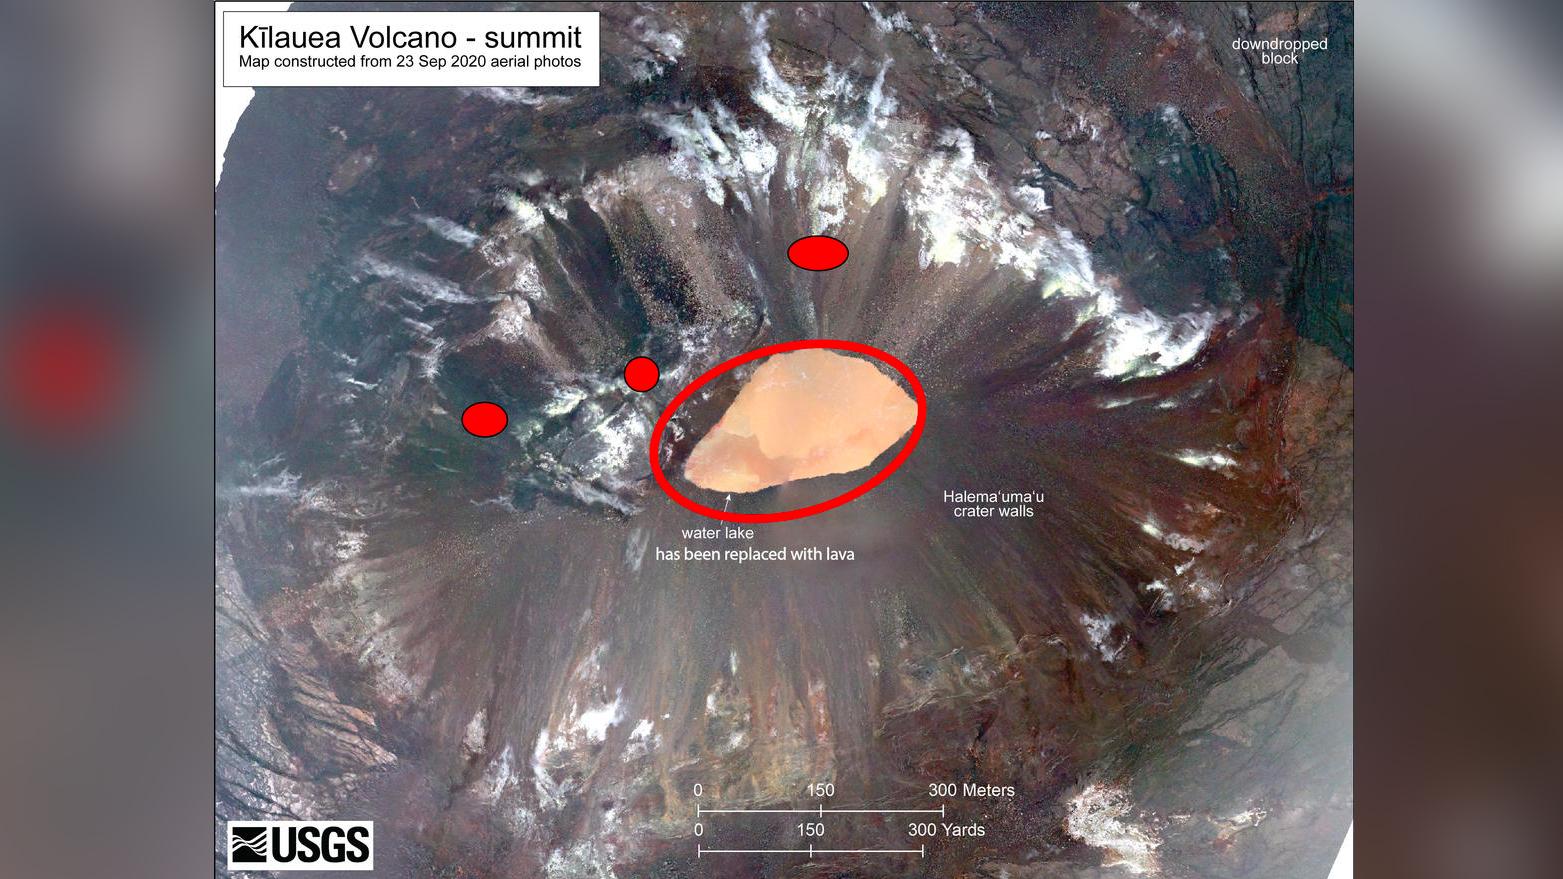 Peu de temps après environ 21h30 HST, une éruption a commencé au sommet du volcan Kīlauea.  Les points rouges sont les emplacements approximatifs des évents de fissure alimentant la lave s'écoulant dans le fond du cratère Halema'uma'u.  Le lac d'eau à la base du cratère Halema'uma'u a été remplacé par un lac de lave en pleine croissance.